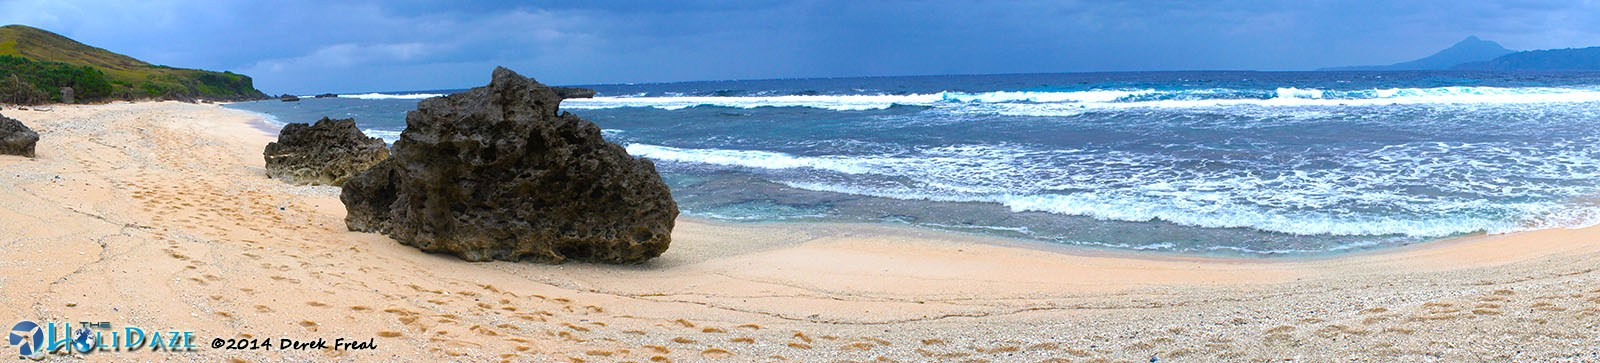 Morong Beach, Sabtang Island, Batanes, Philippines